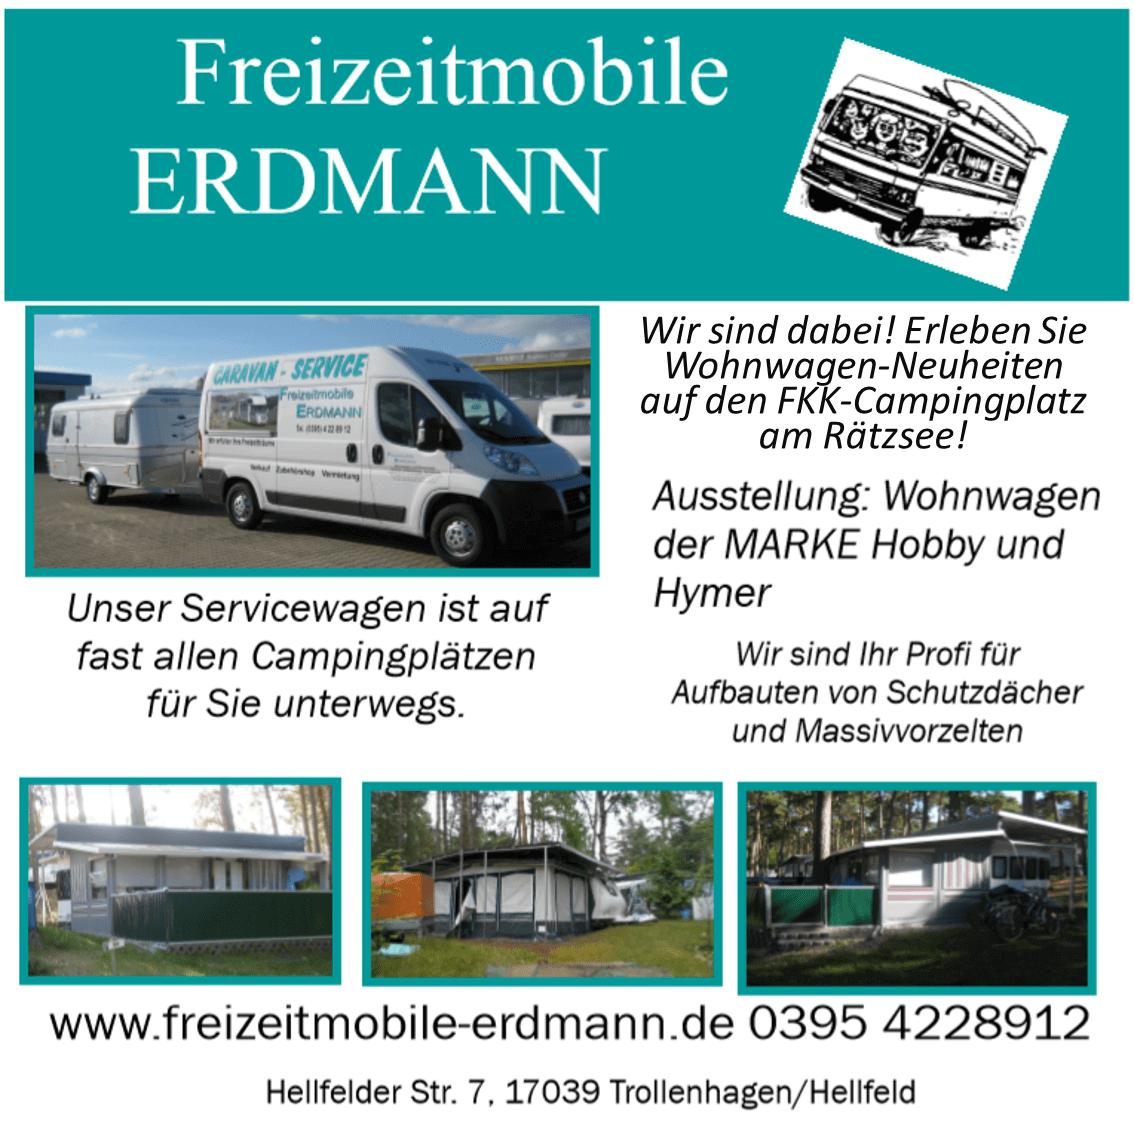 Verkauf und Vermietung von Reisemobilen und Wohnwagen / Caravan, sowie Werkstatt und Zubehörhandel in Hellfeld